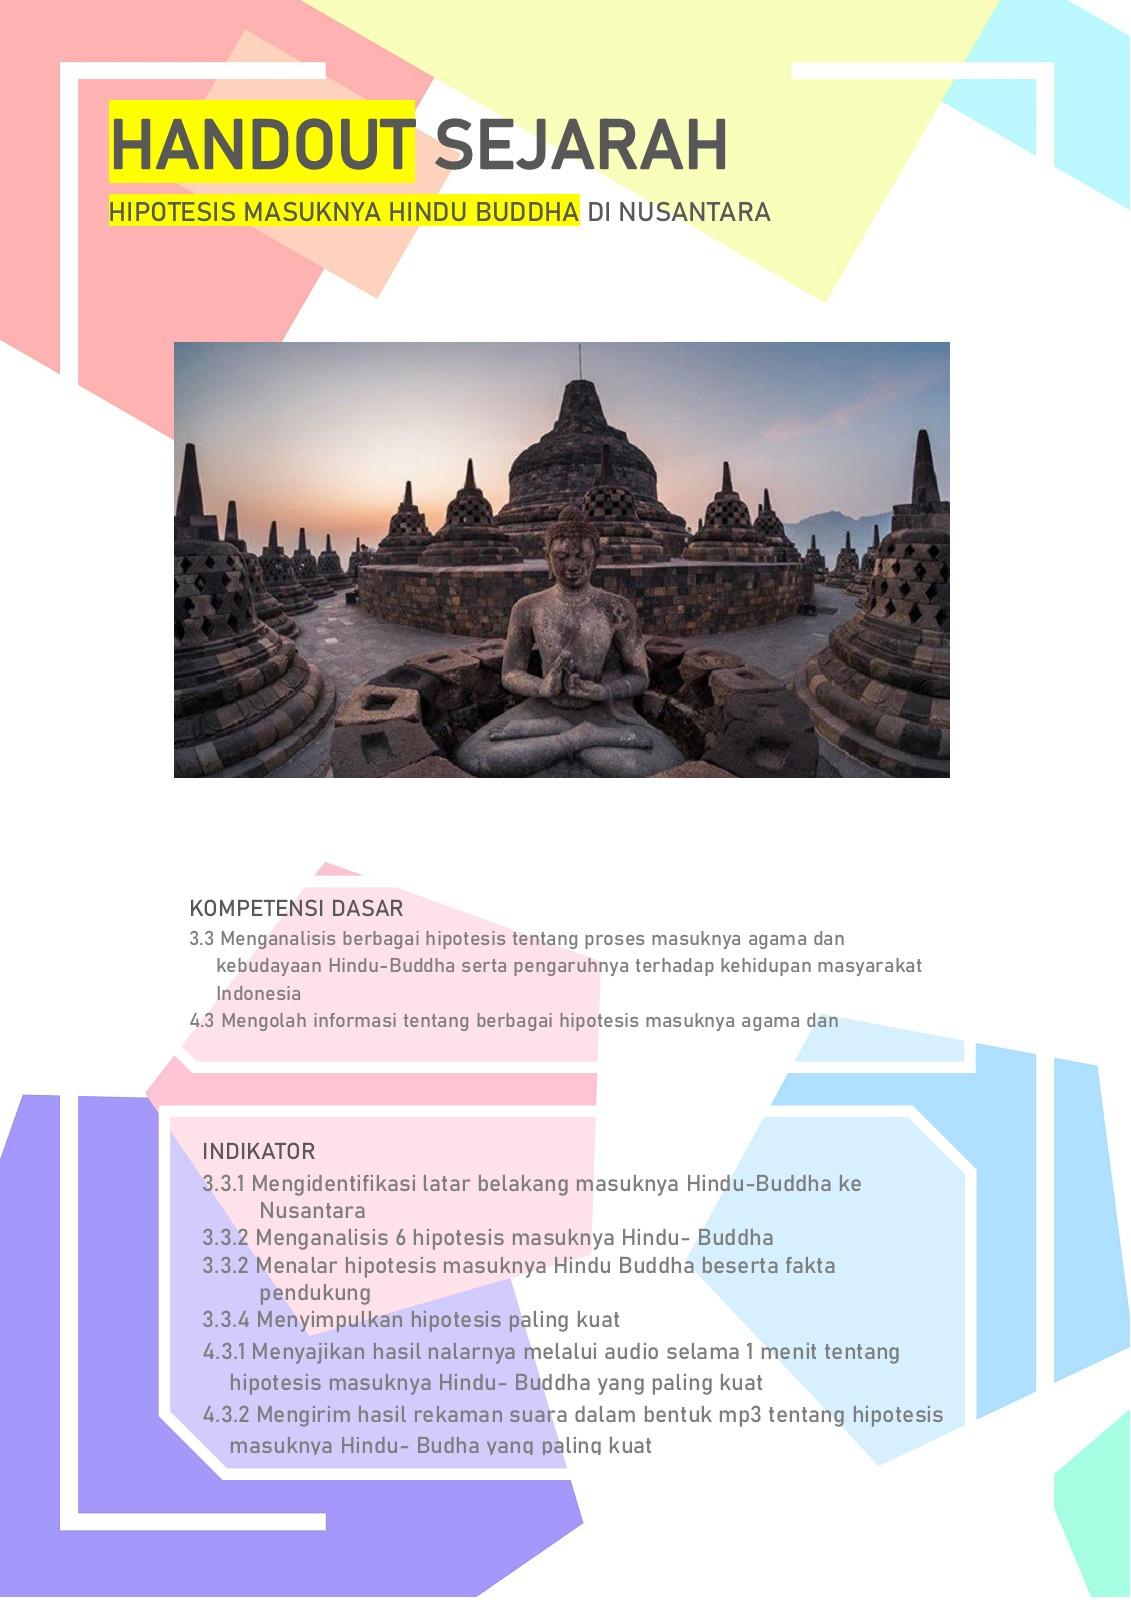 Proses Masuknya Hindu Budha Ke Indonesia : proses, masuknya, hindu, budha, indonesia, REV_HIPOTESIS, MASUKNYA, HINDU, BUDDHA, Flipbook, Hawiki, FlipHTML5